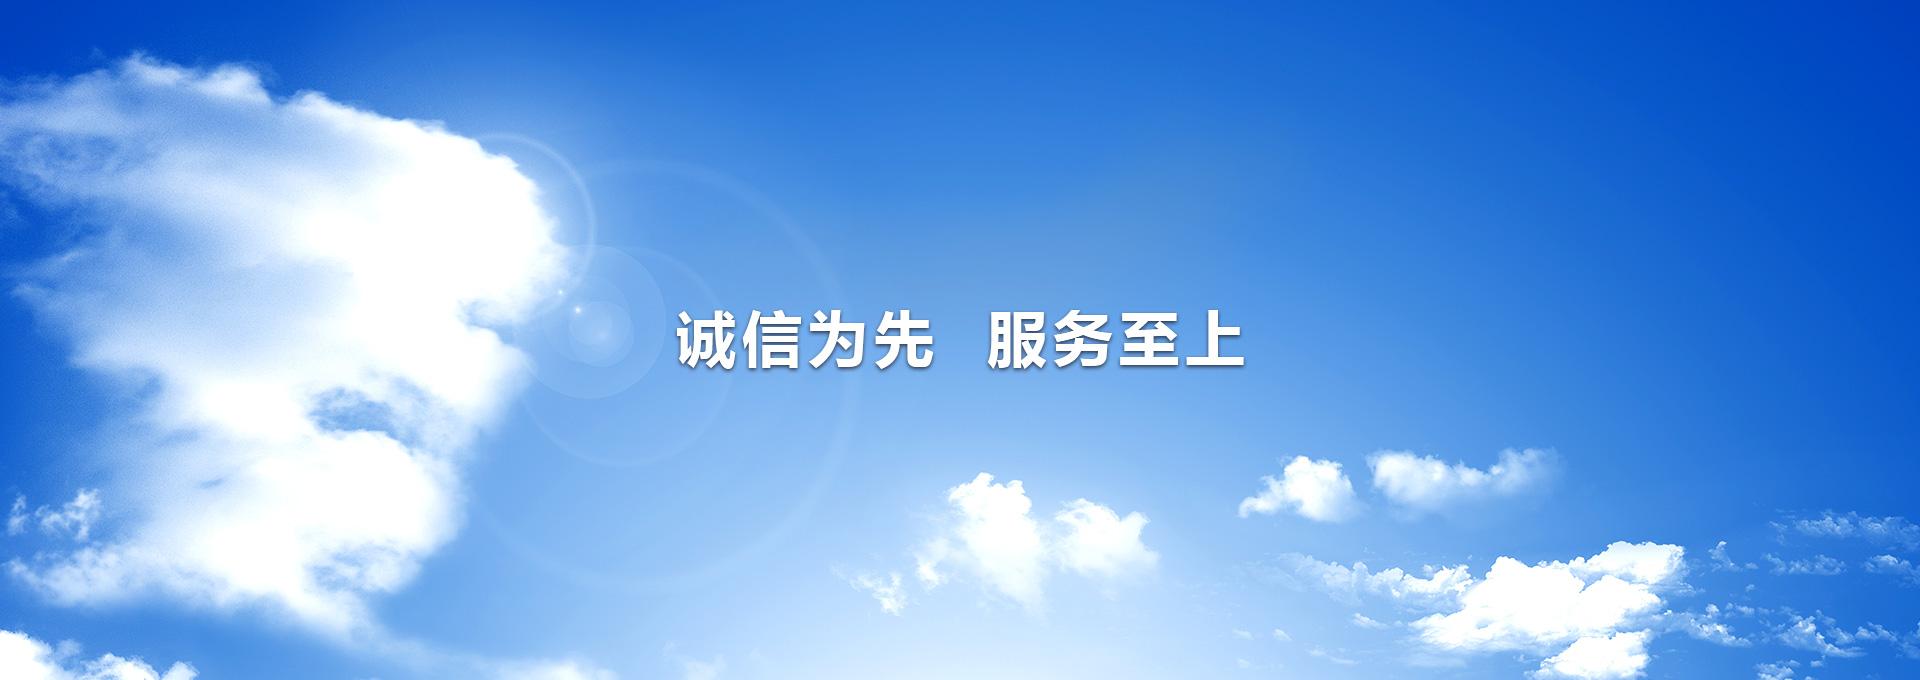 企业万博官网网页版本登陆